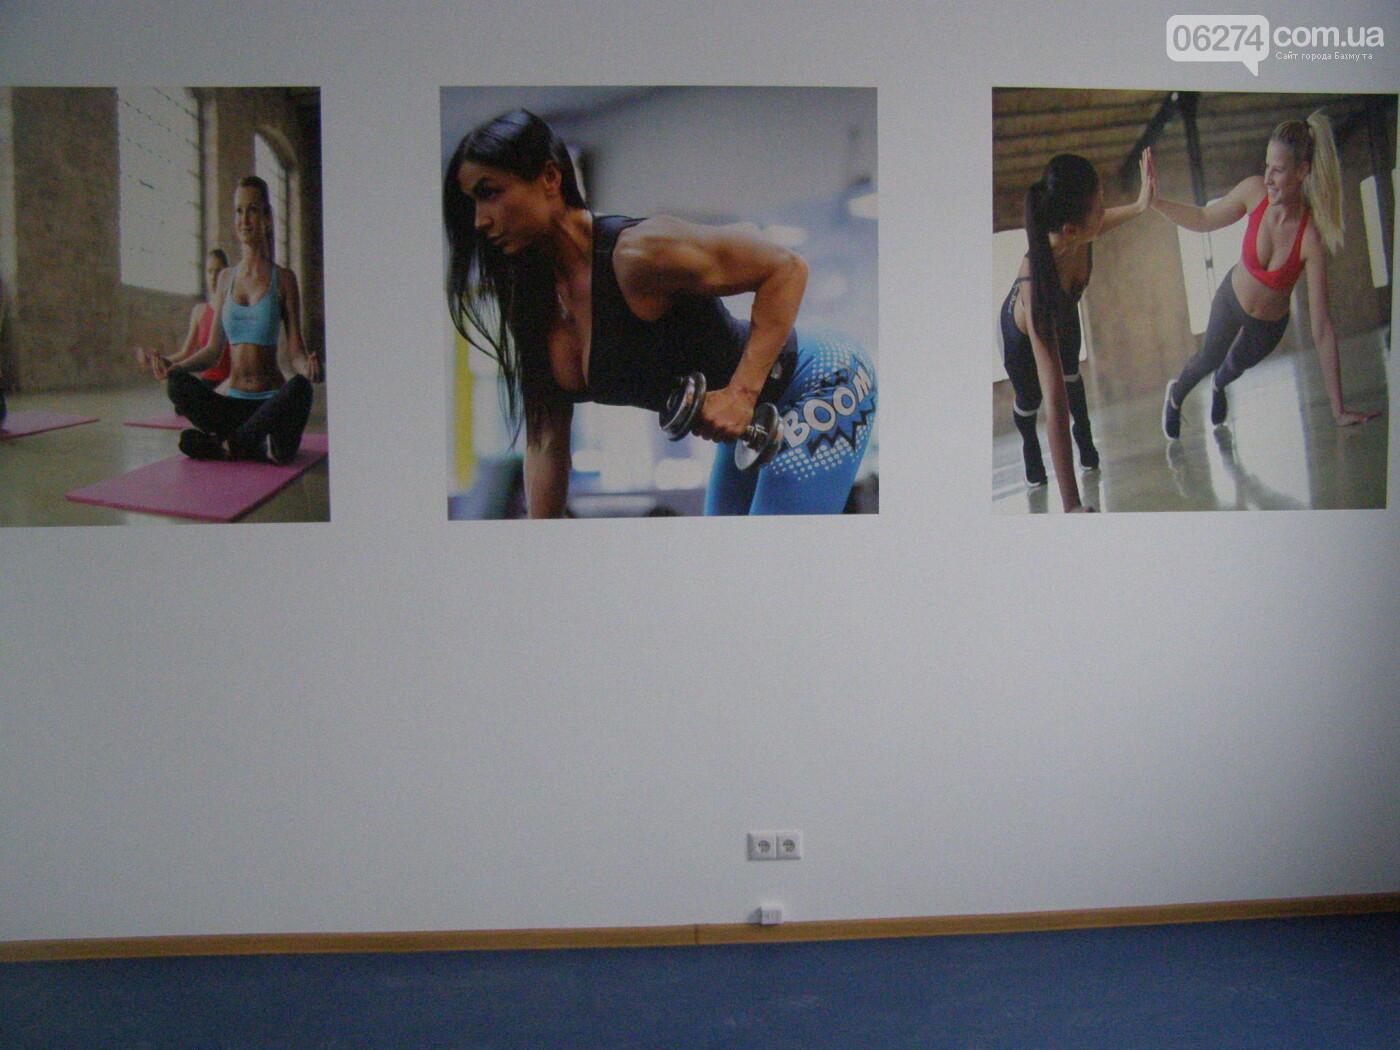 Во врачебно-физкультурном диспансере в Бахмуте завершена реконструкция главного корпуса, фото-10